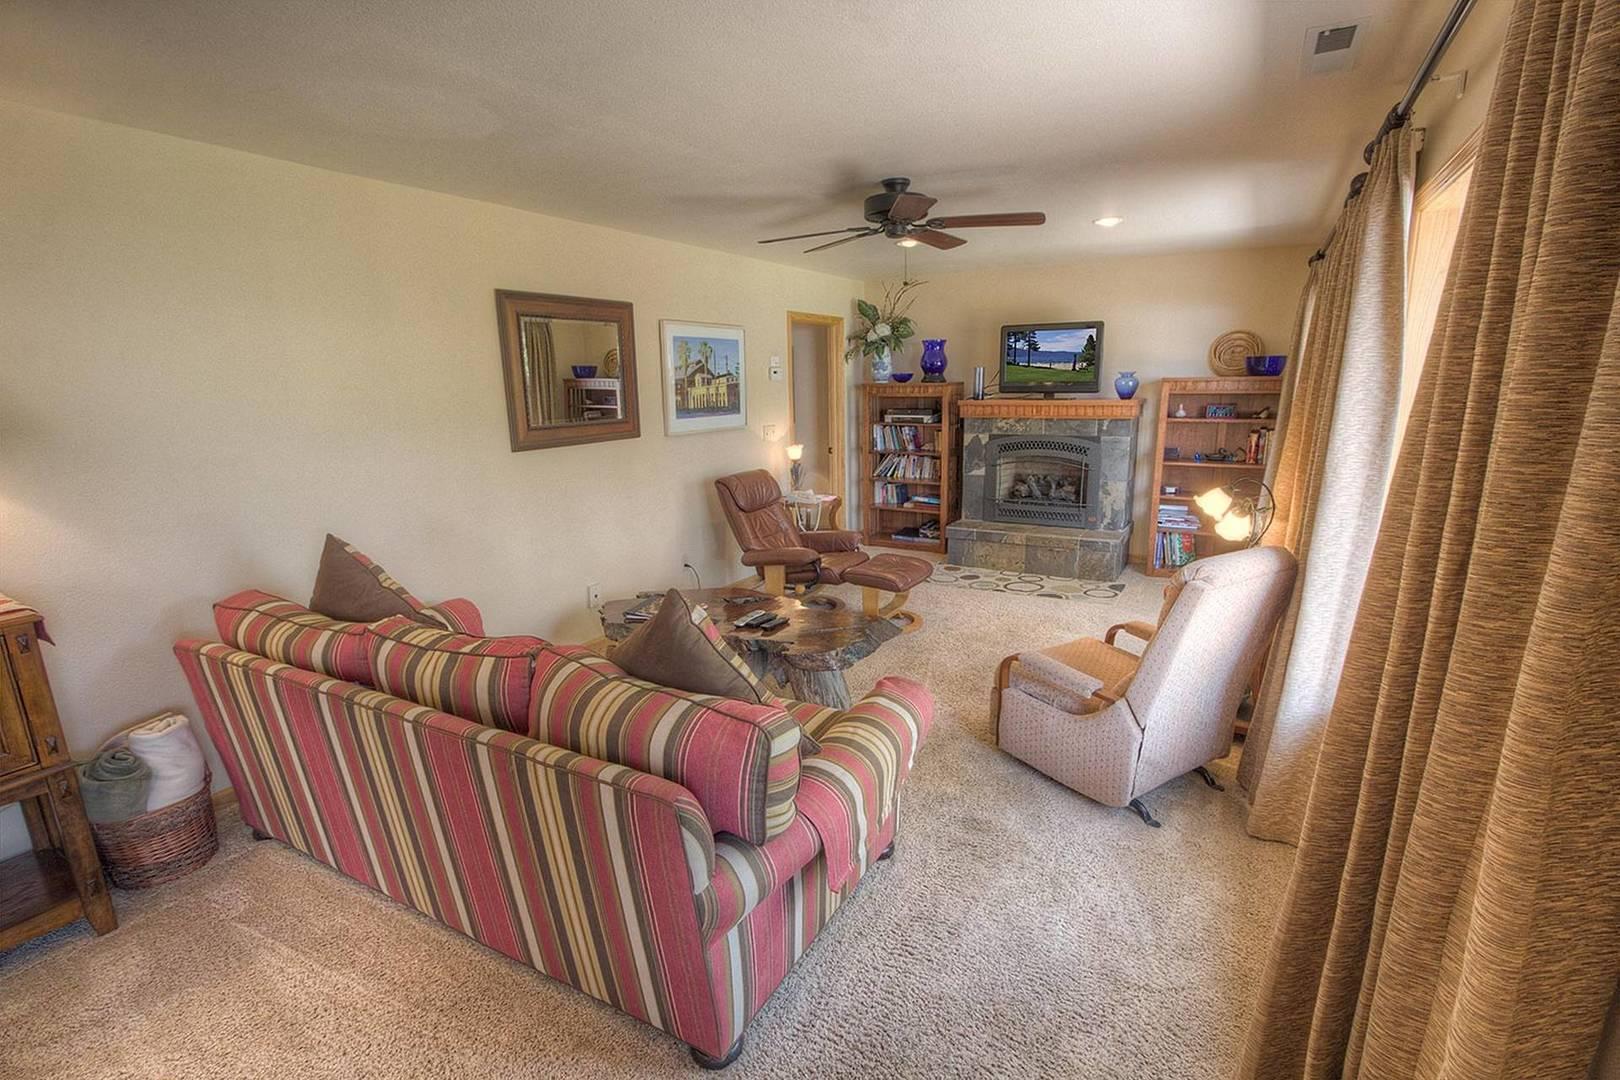 cyh0814 living room